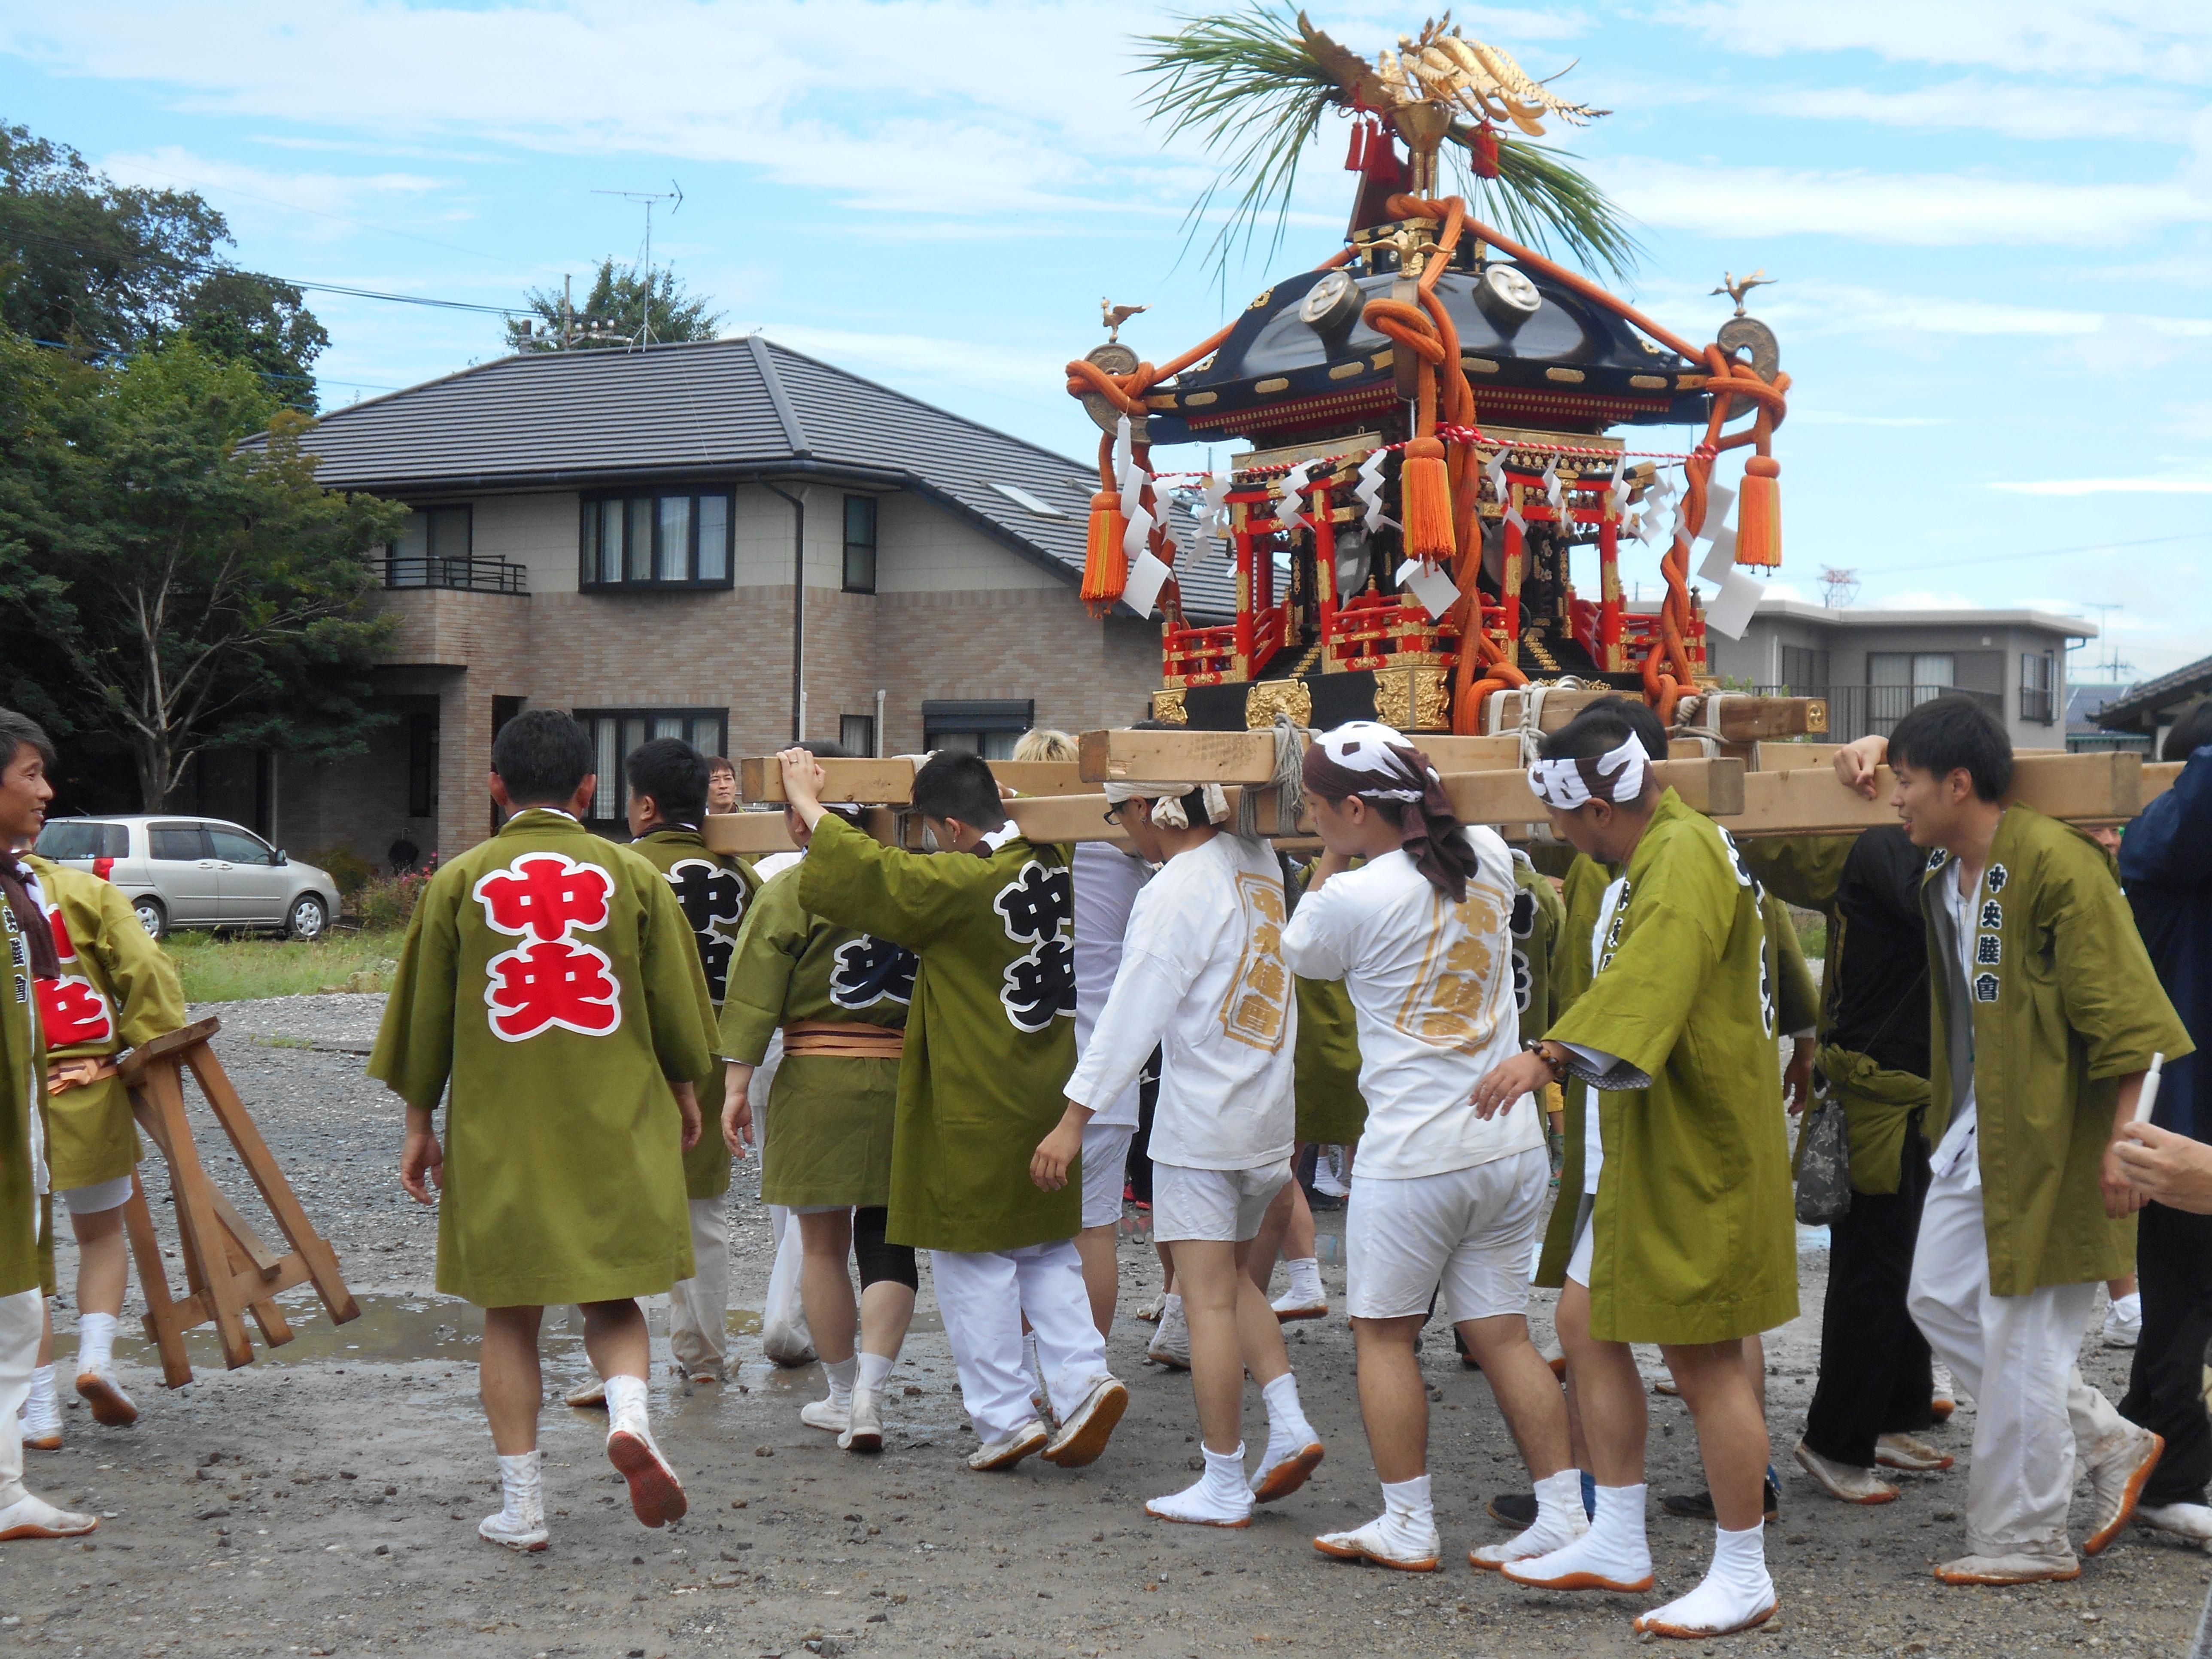 7/28 上郷祇園祭でお神輿がやってきました!